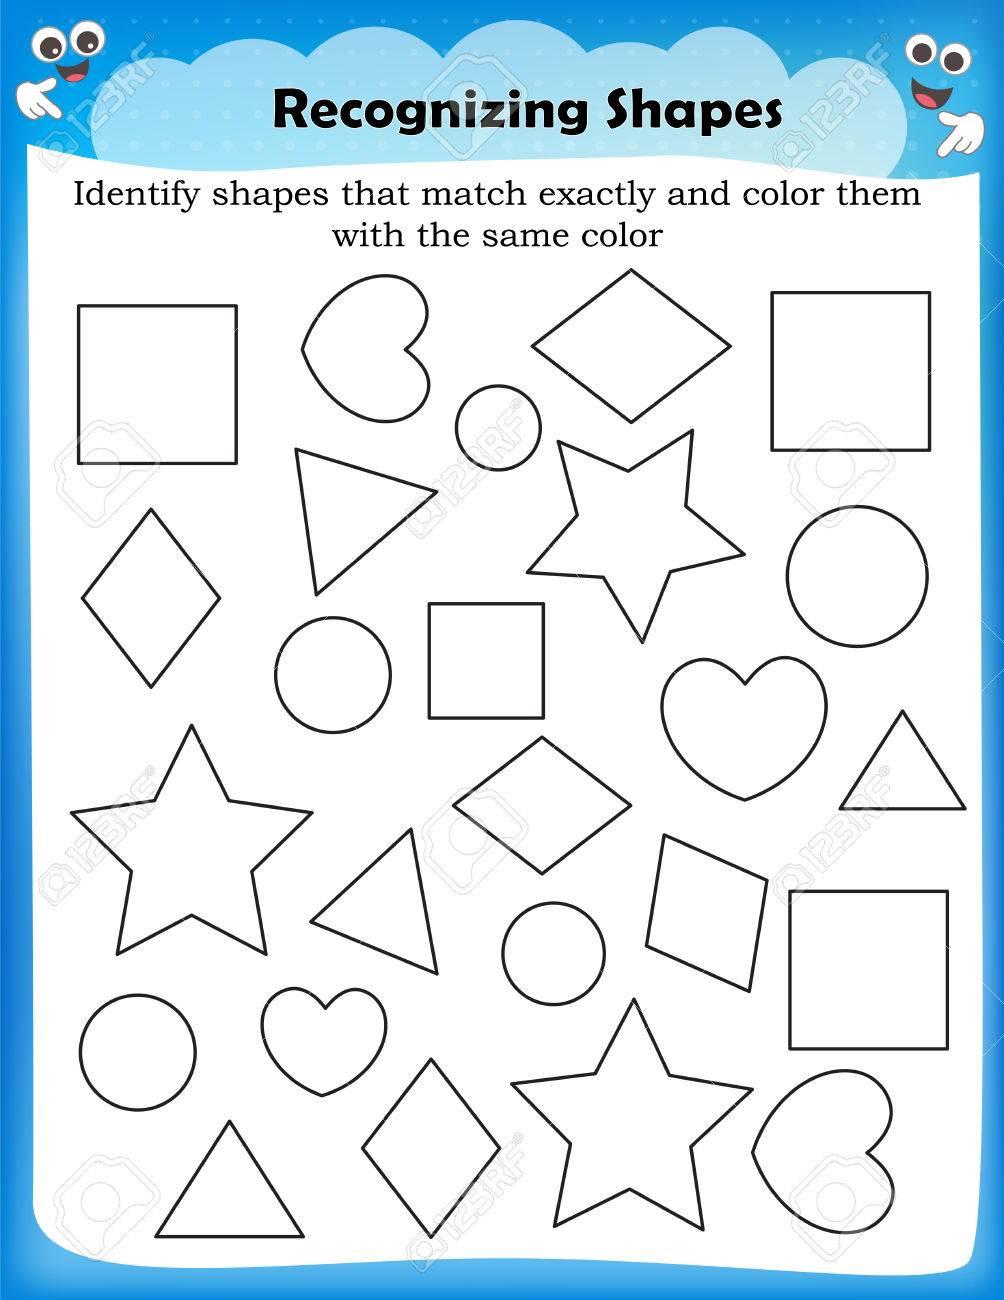 worksheet Identify Shapes Worksheet identifying shapes worksheet transformations rotations polygons math worksheets on multiplication 80041070 kids different stock vector ide